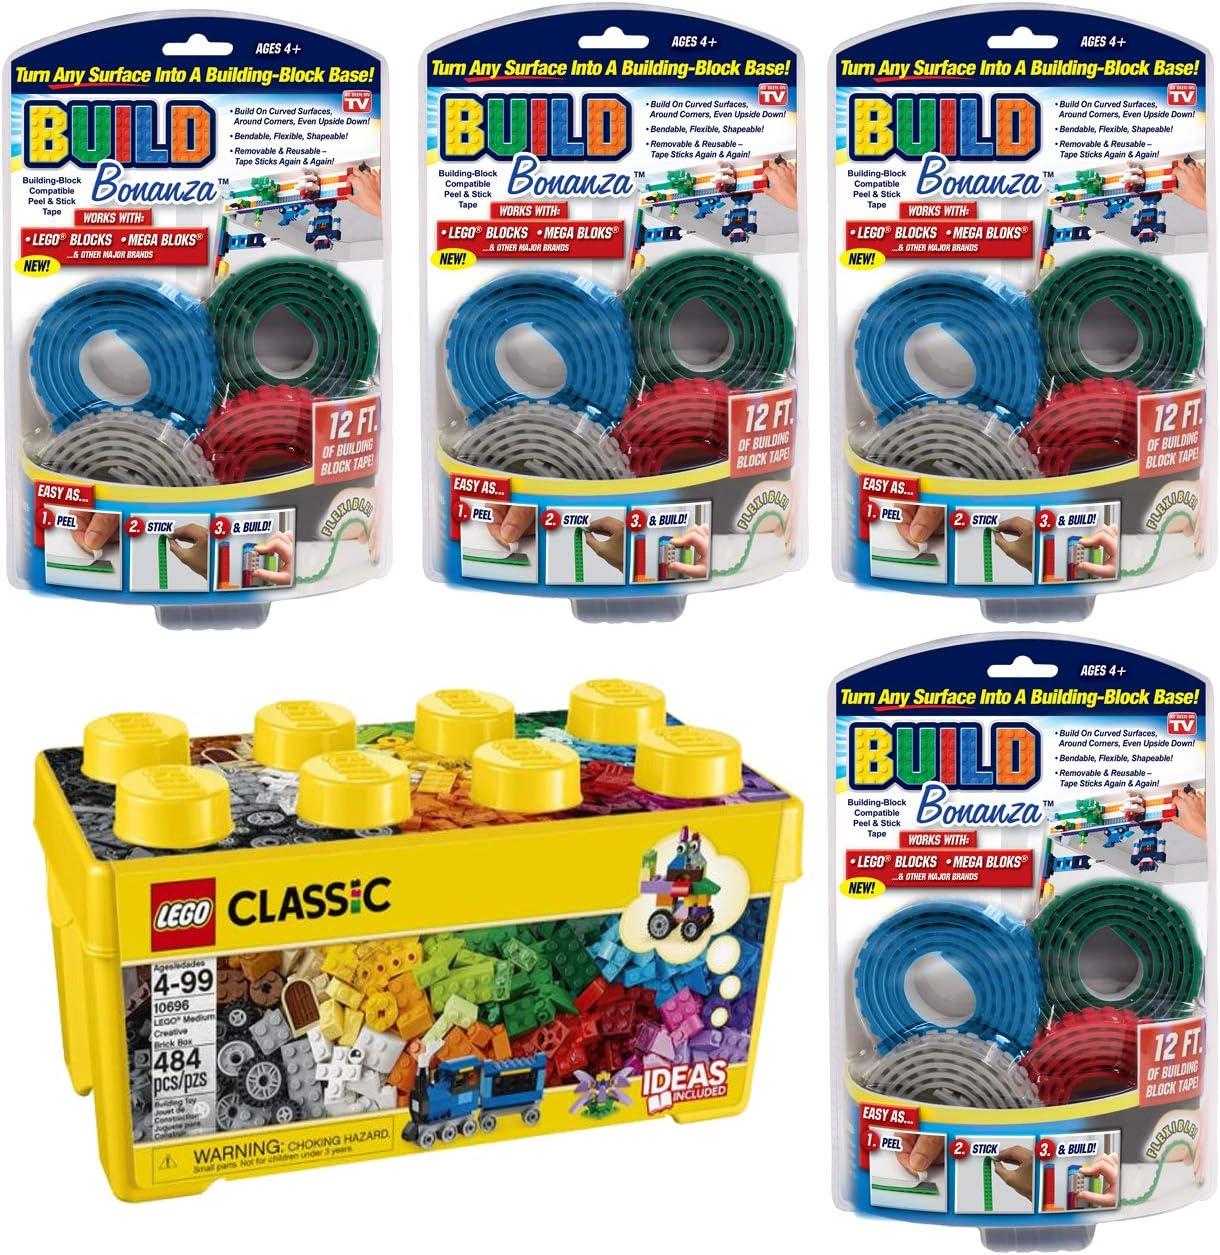 As Seen On TV Lego - Caja de Ladrillos Creativa Mediana con 4 Bloques de construcción Flexibles: Amazon.es: Juguetes y juegos